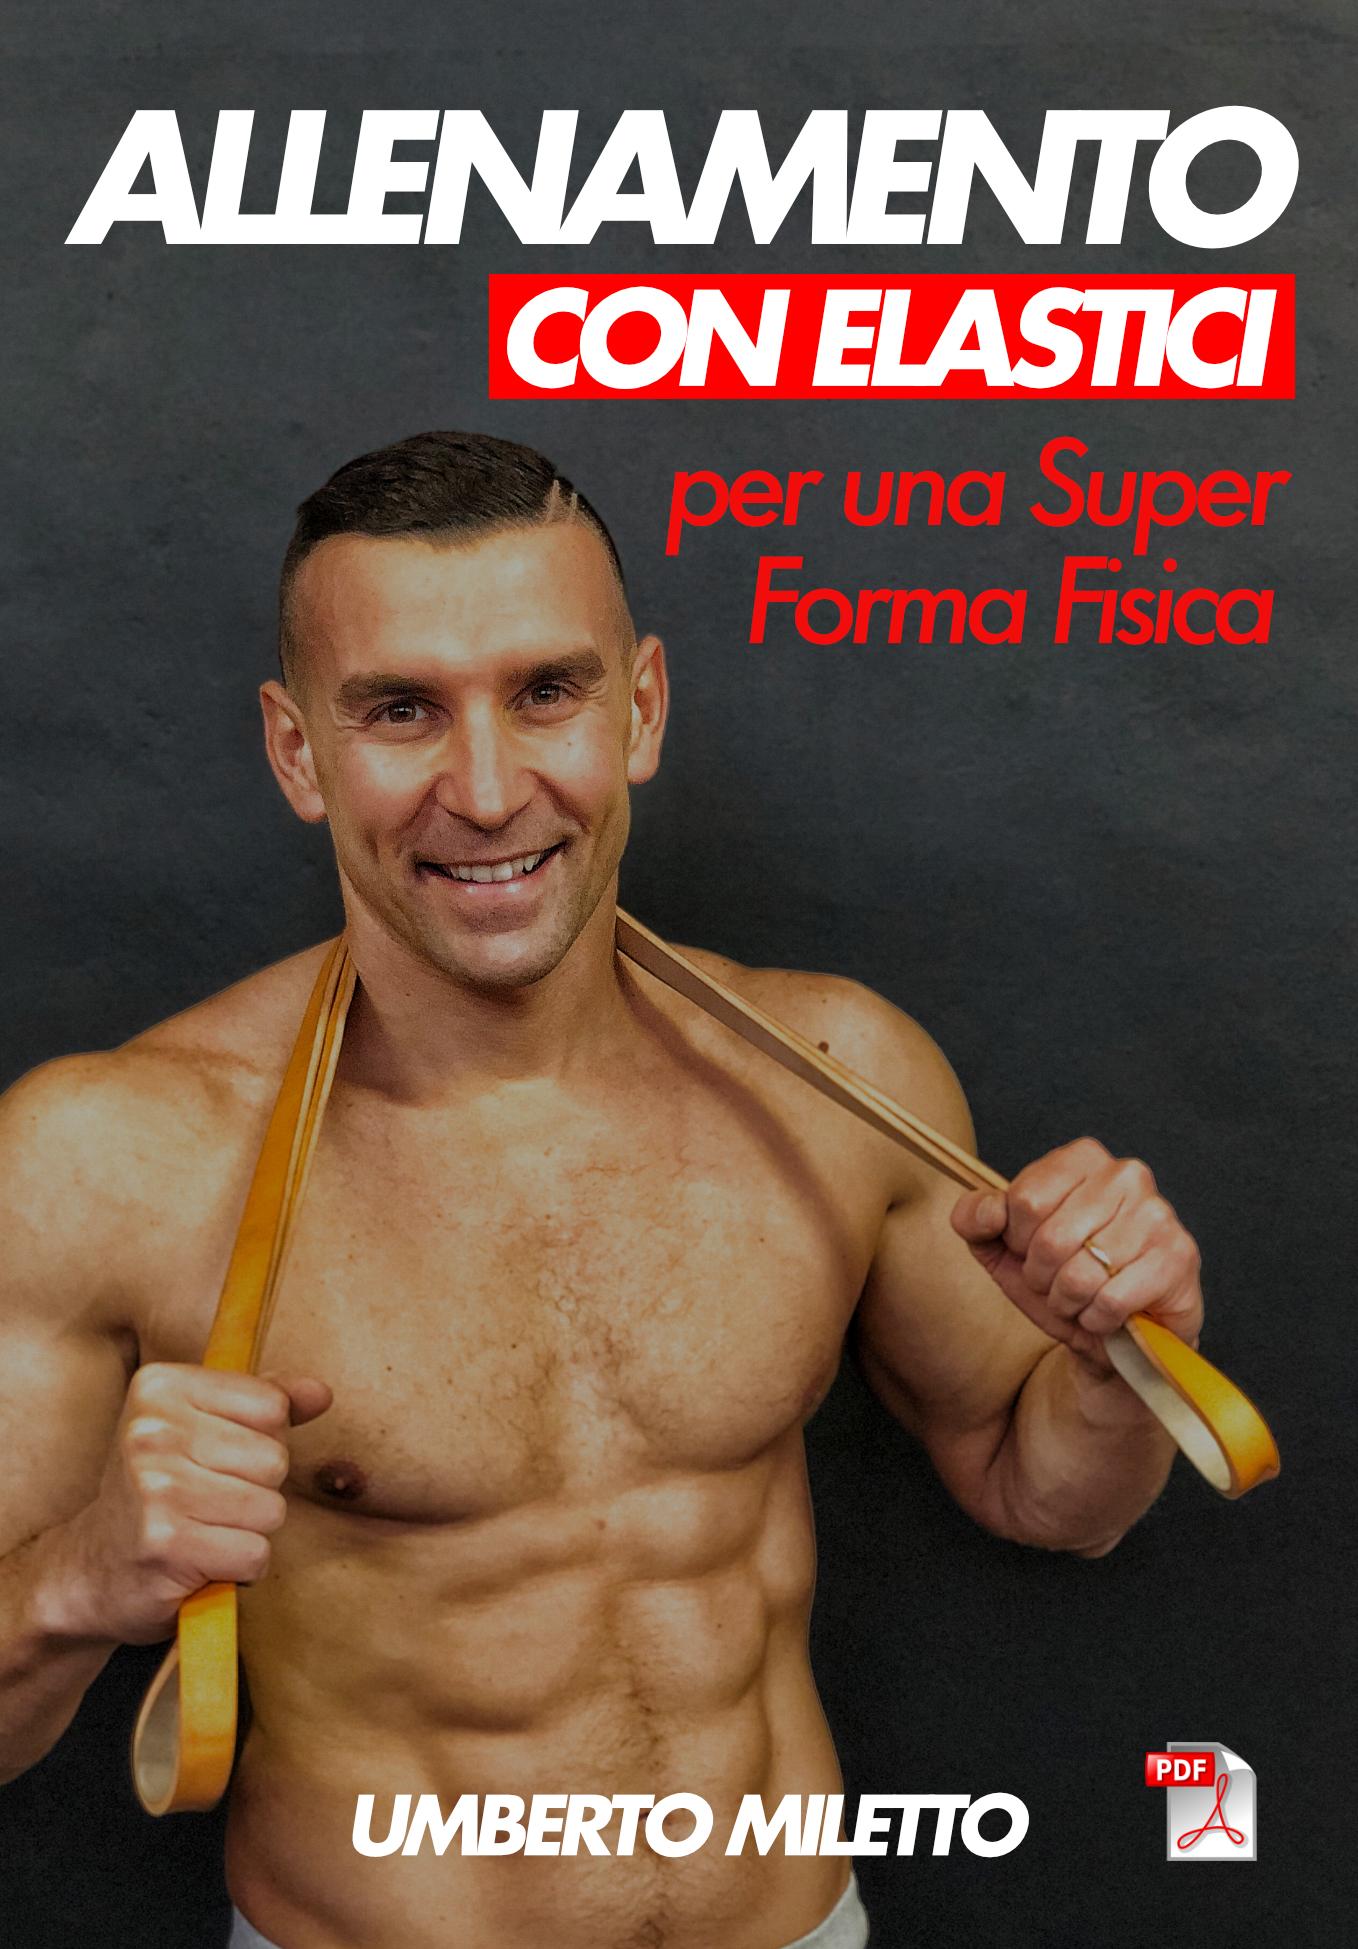 allenamento con elastici